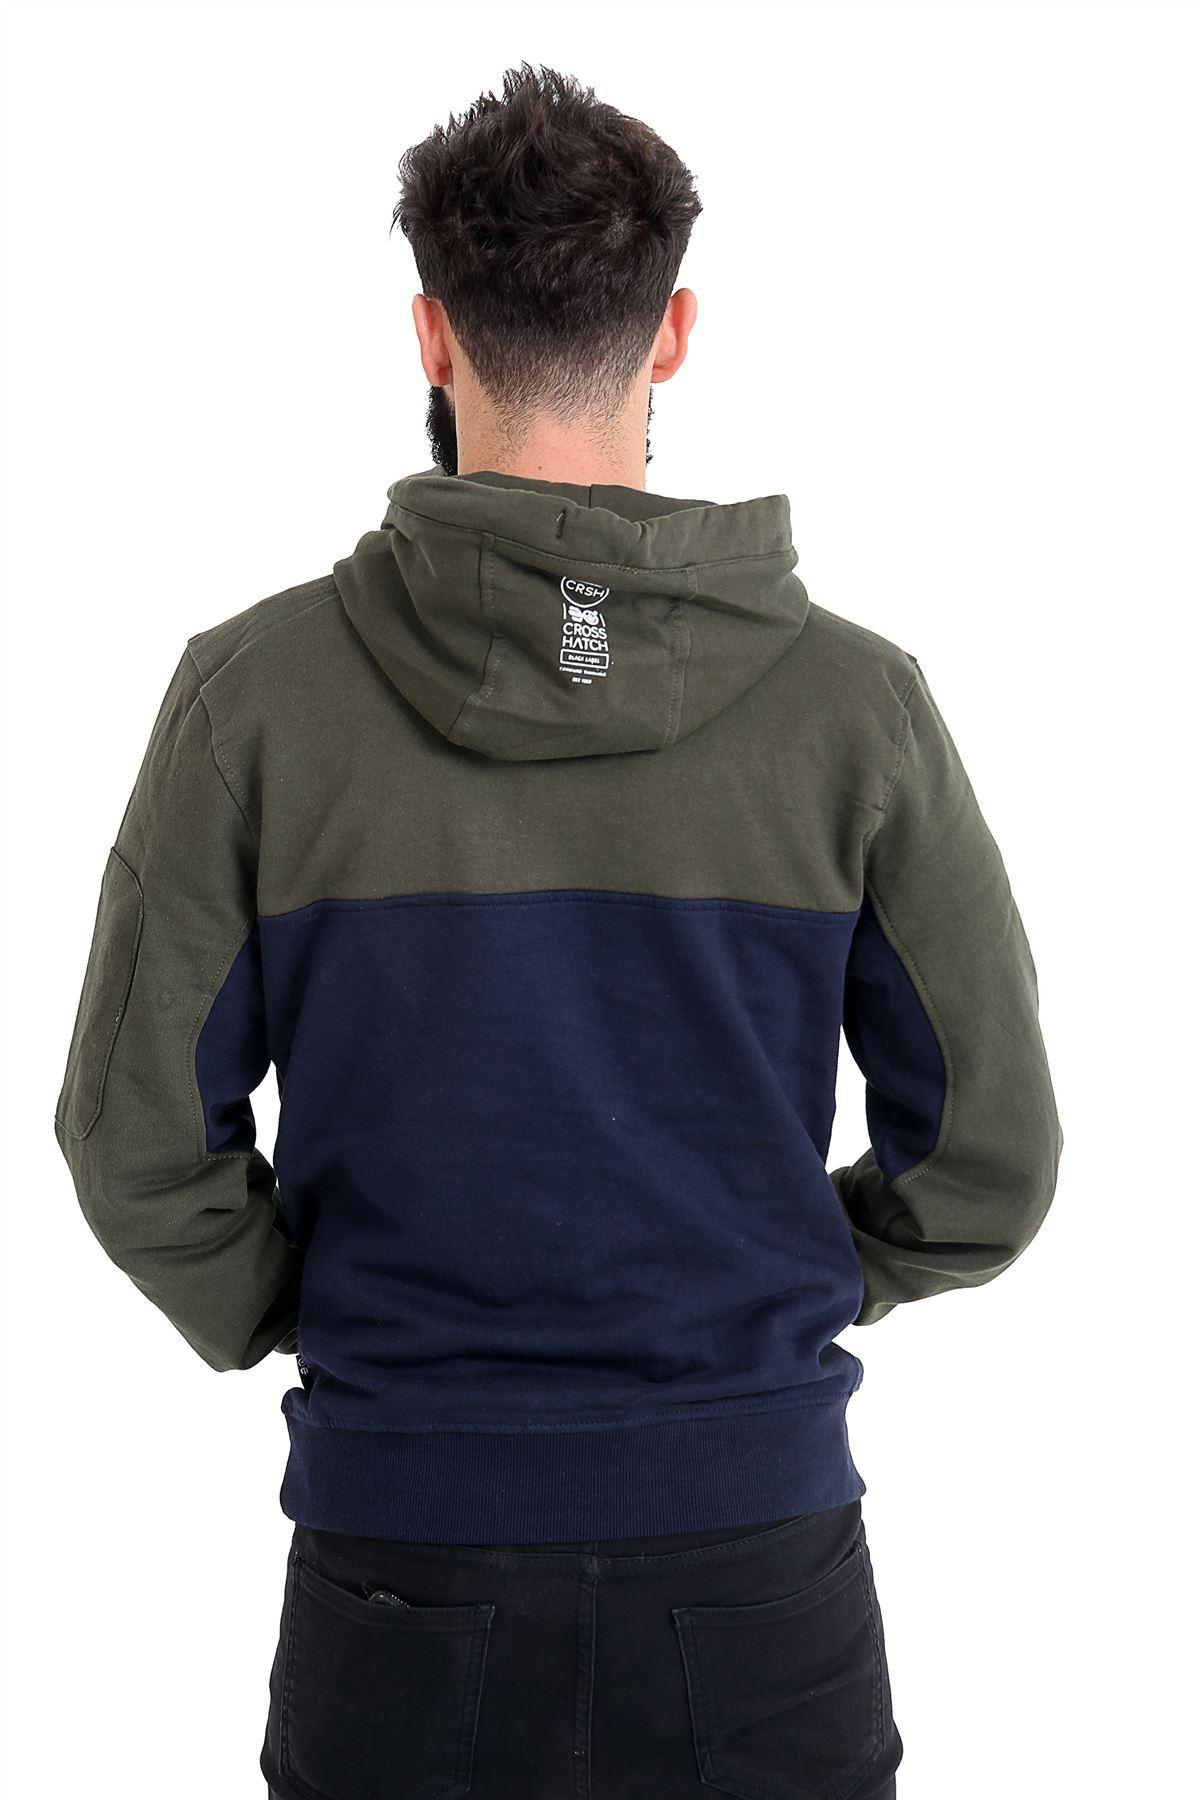 Mens Crosshatch Hoodie Sweatshirt Hooded Jumper Top Pullover 2018 Winter Style